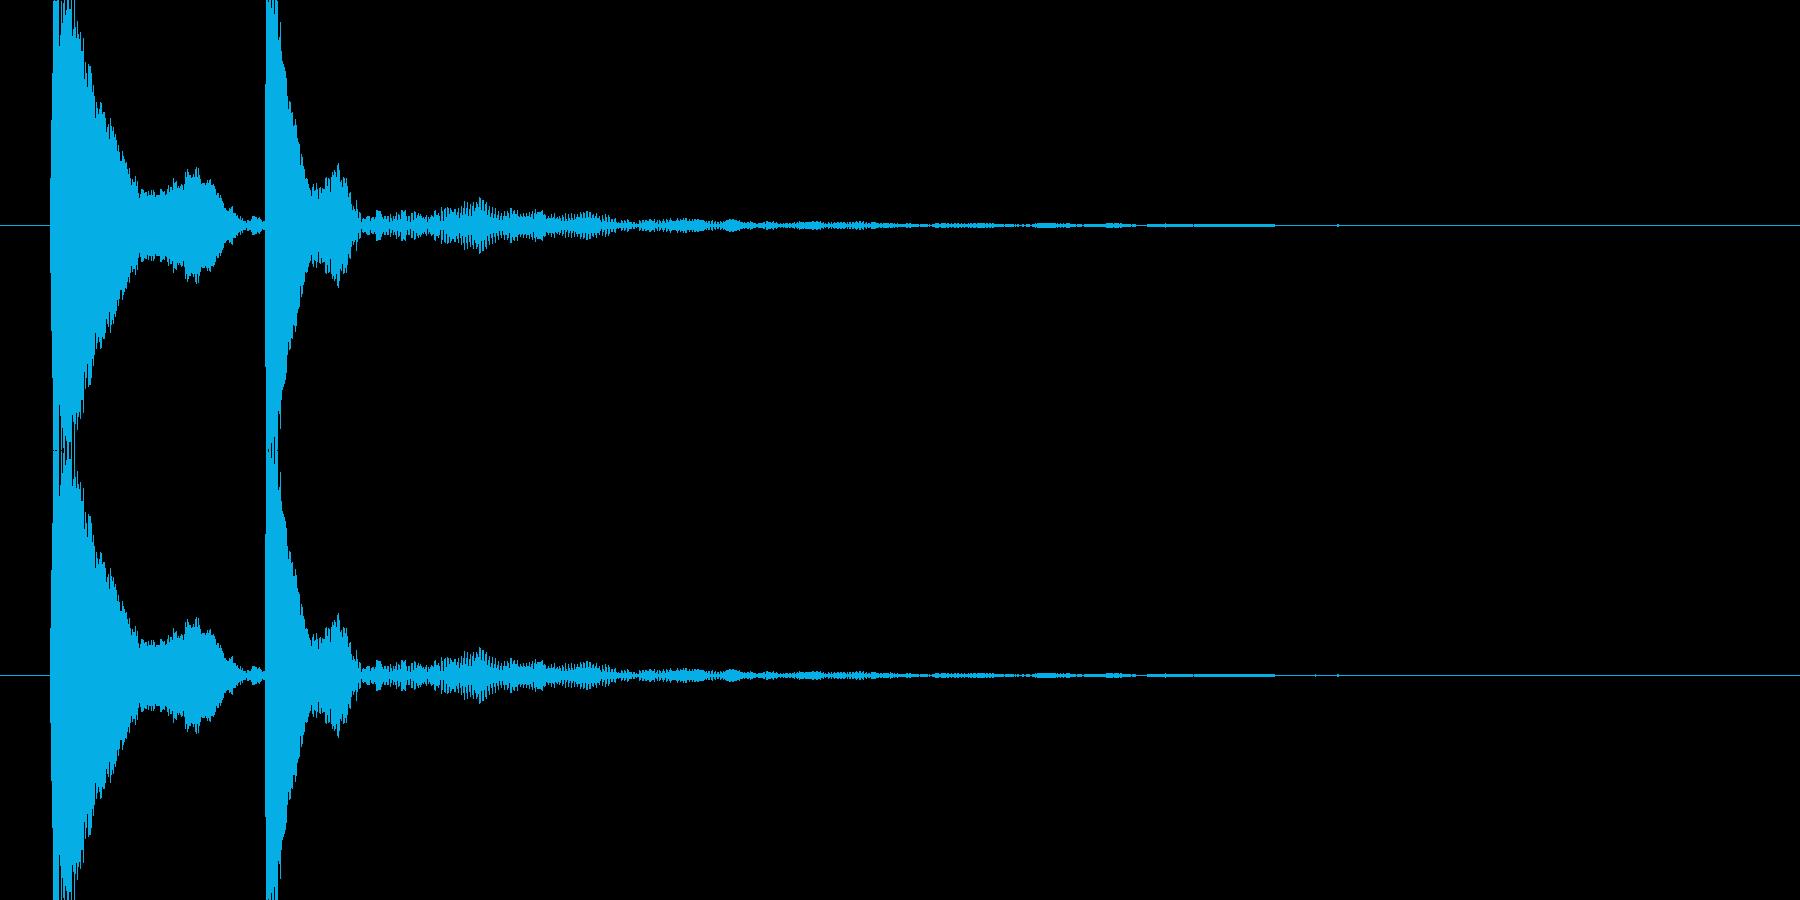 コテ(コテン)汎用的なタッチ音(高音)の再生済みの波形